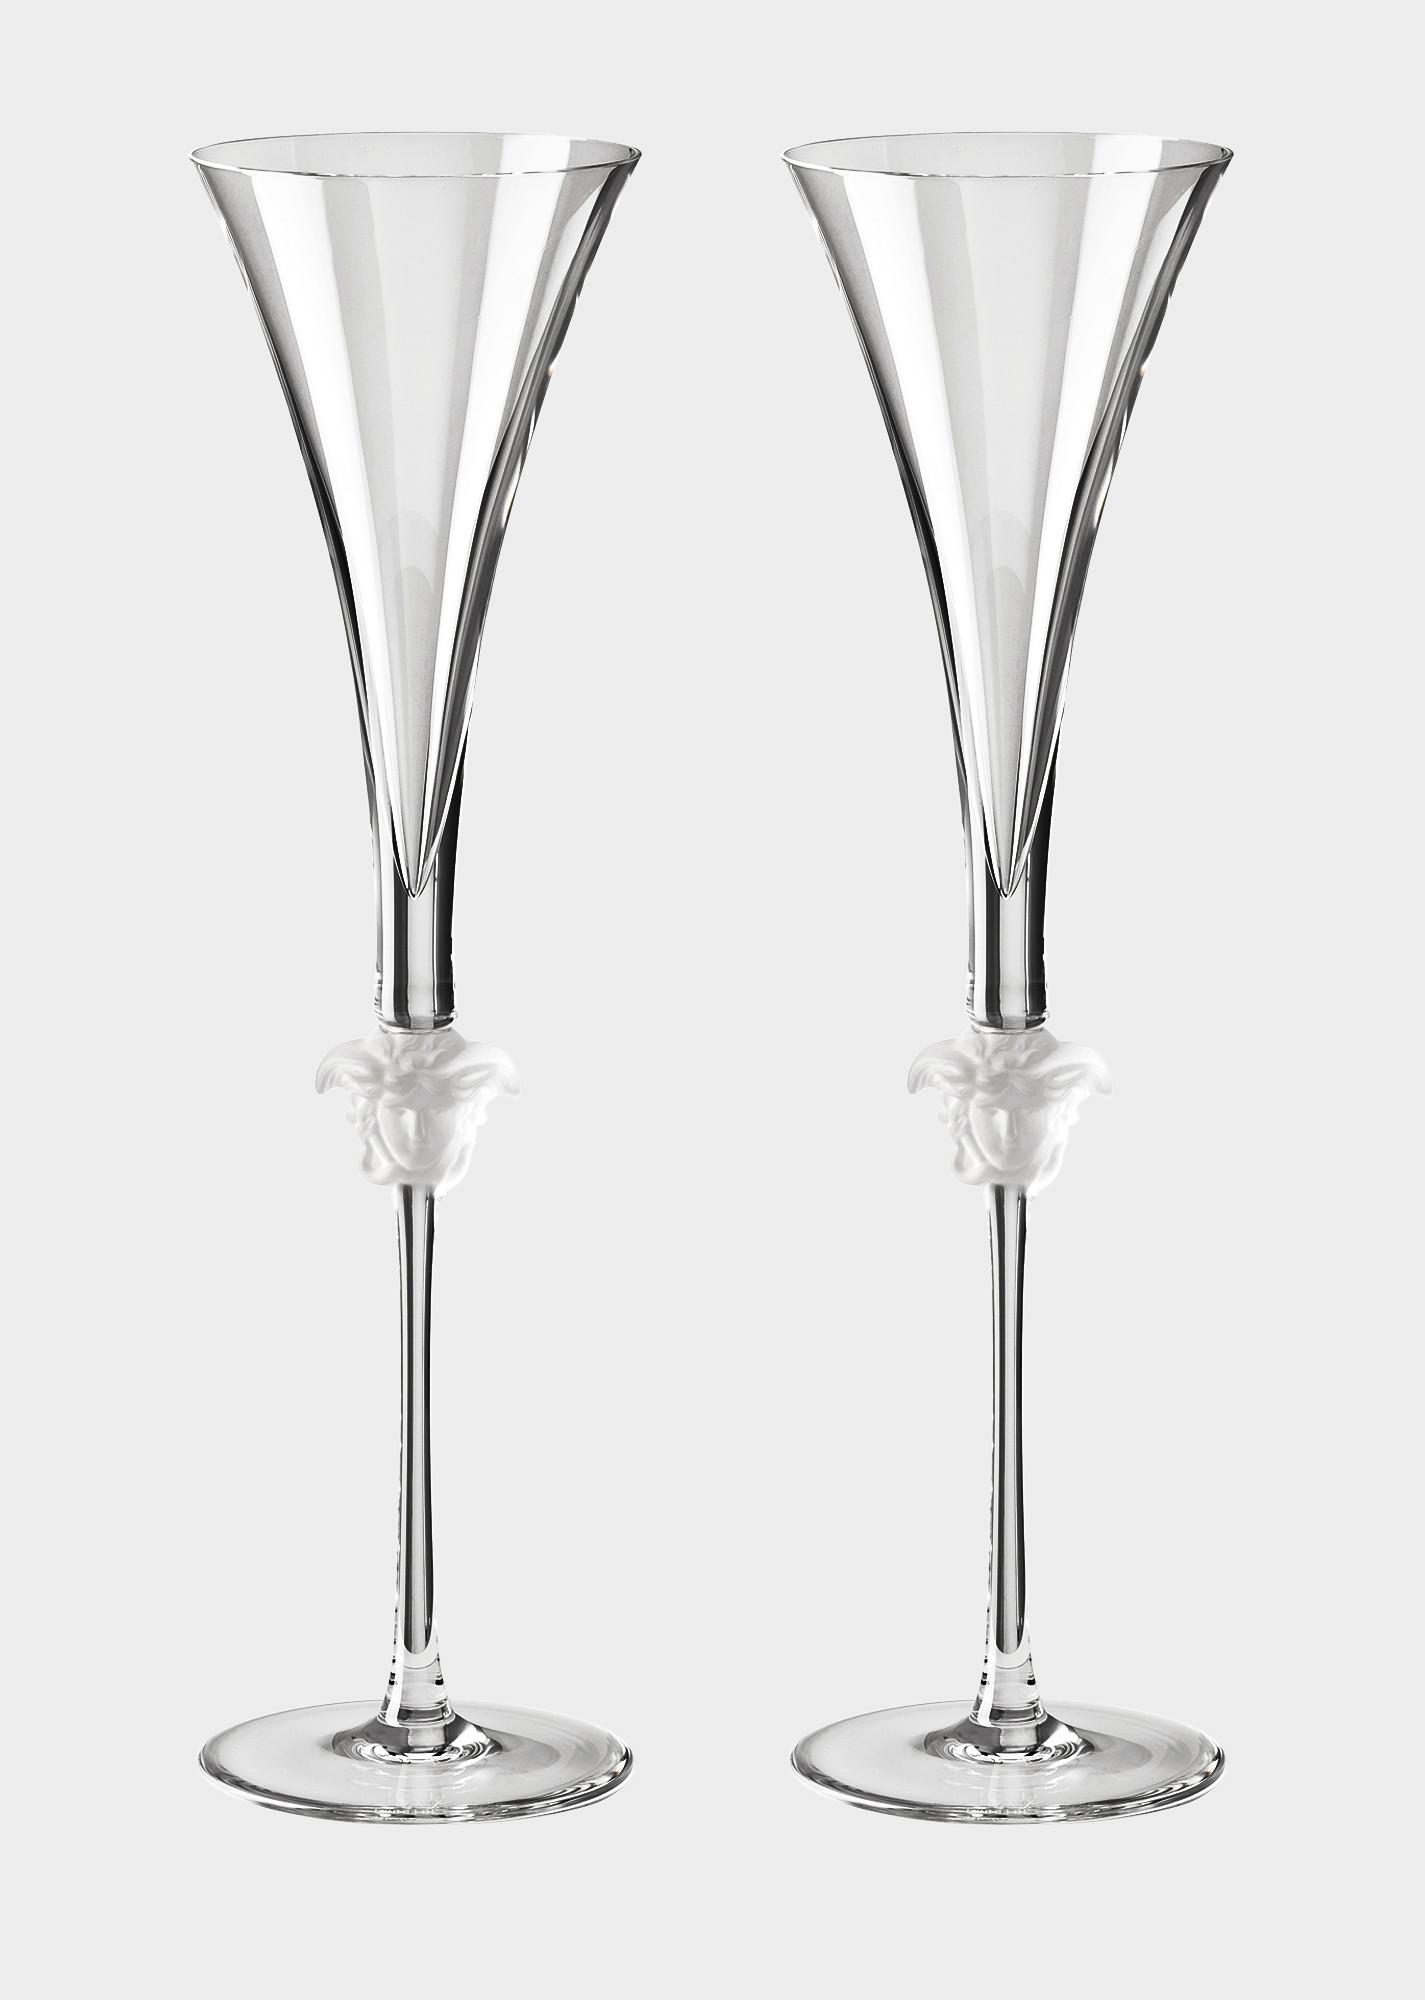 large bohemian crystal vase of versace home luxury glass crystal official website in 90 n48804 n110835 n2066 20 medusalumieregb2champagneflute glassandcrystal versace online store 1 0